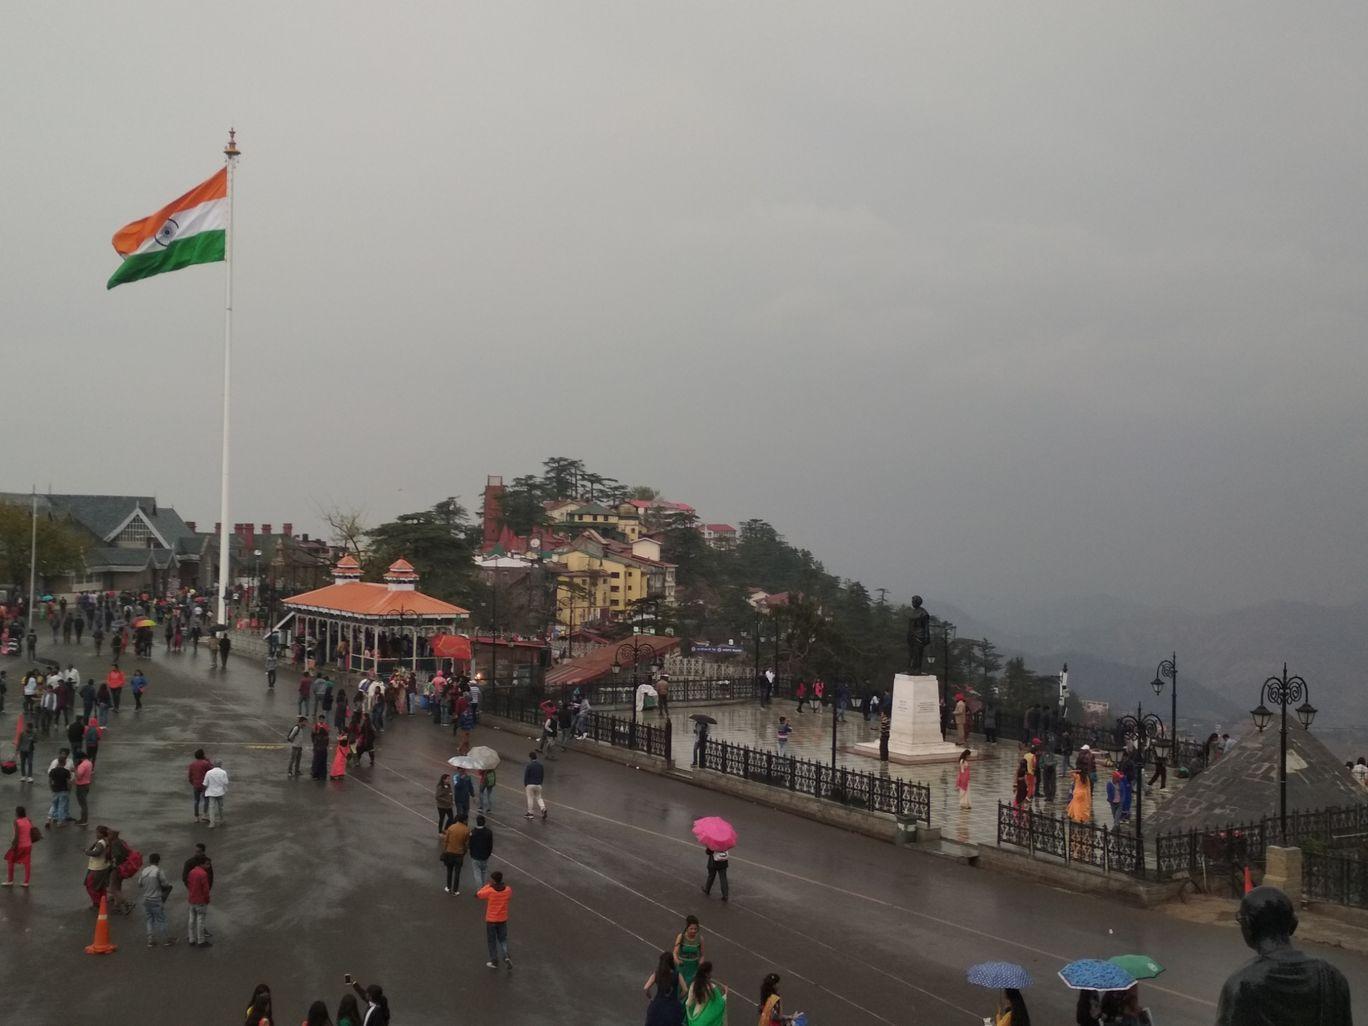 Photo of Shimla By v921995